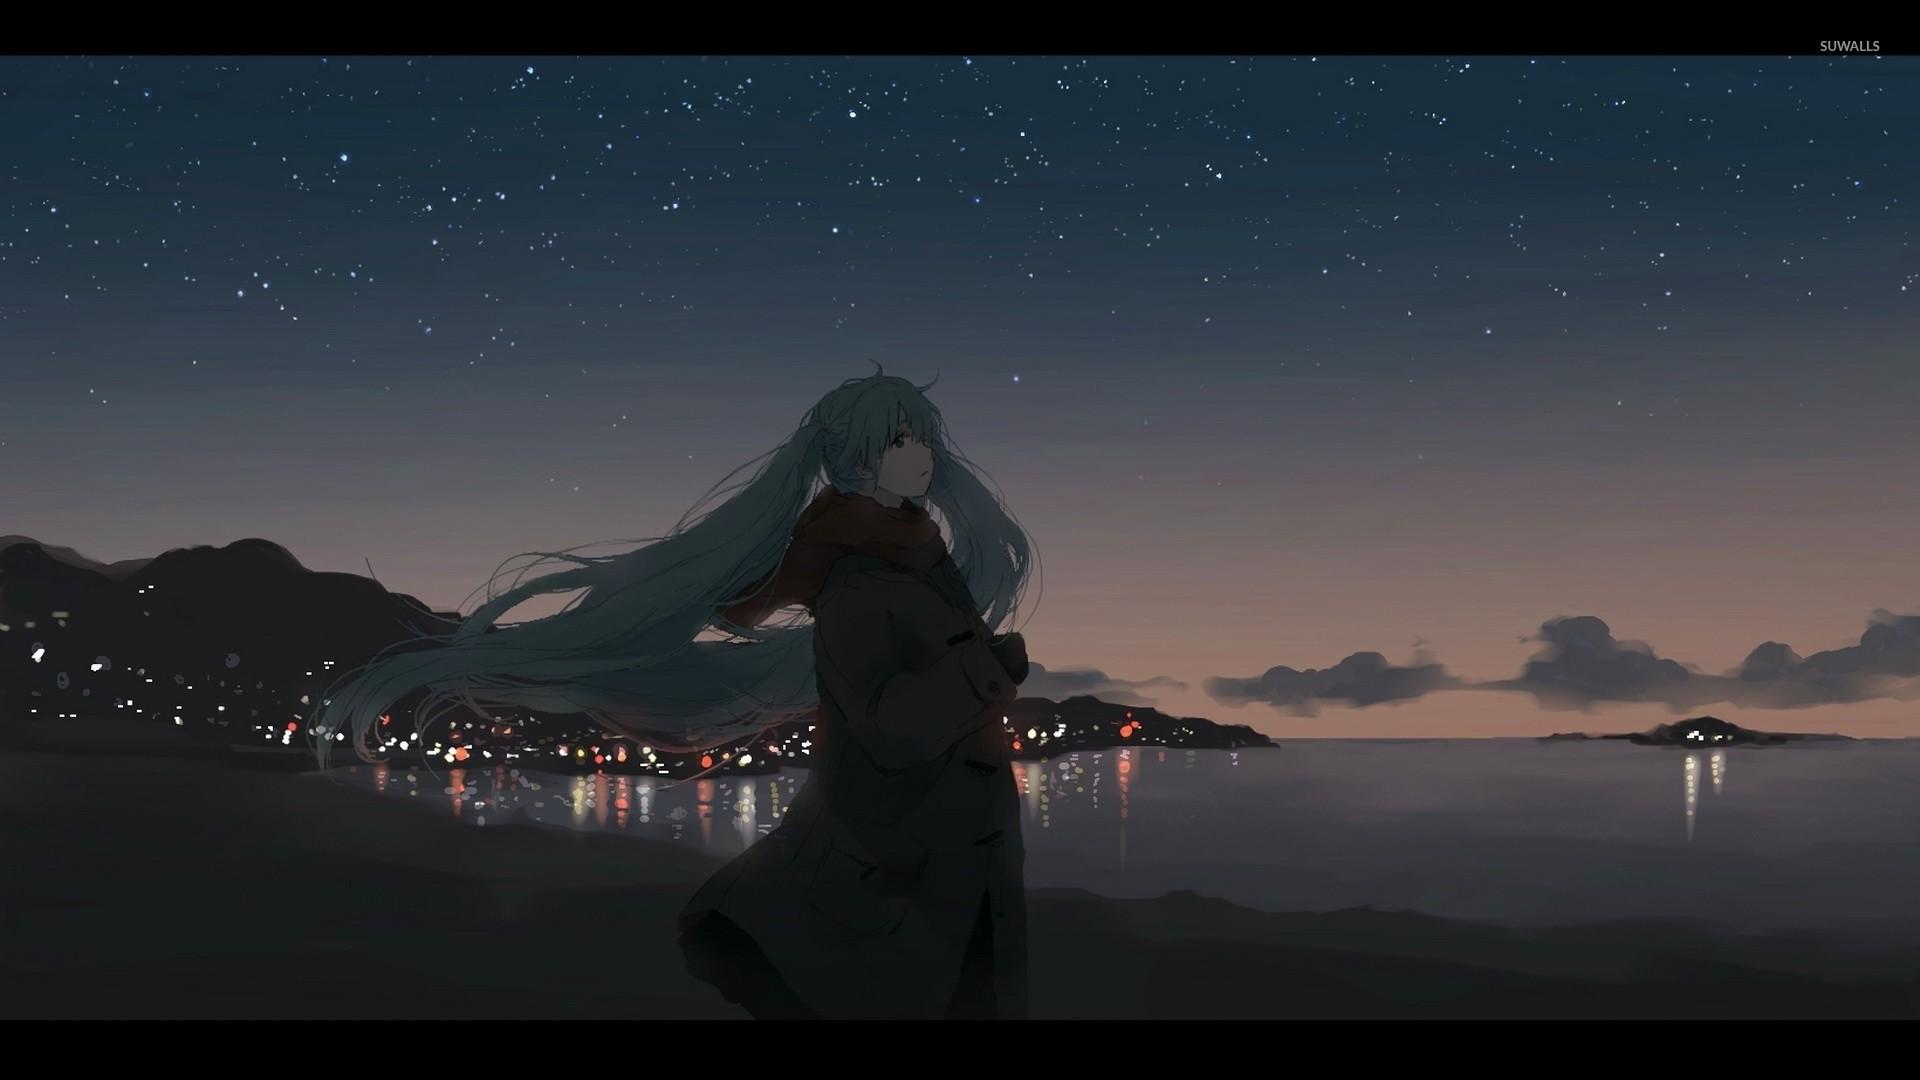 Hatsune Miku – Vocaloid [19] wallpaper jpg